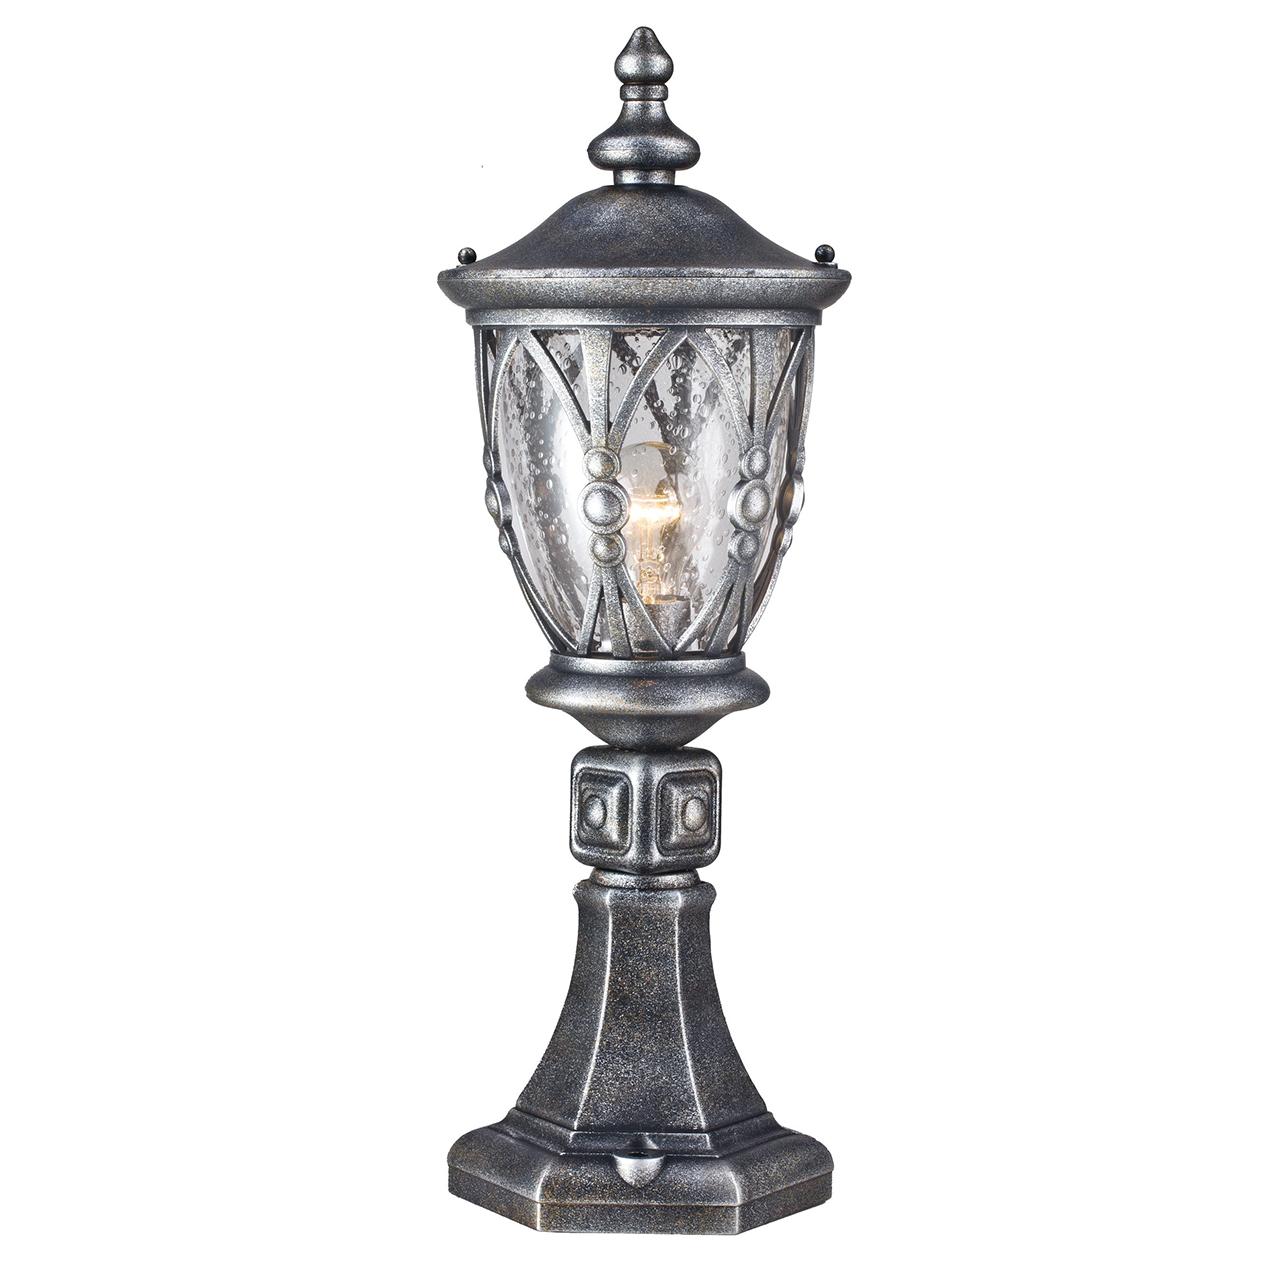 Уличный светильник Maytoni Rua Augusta S103-59-31-B уличный светильник maytoni rua augusta black s103 67 42 b